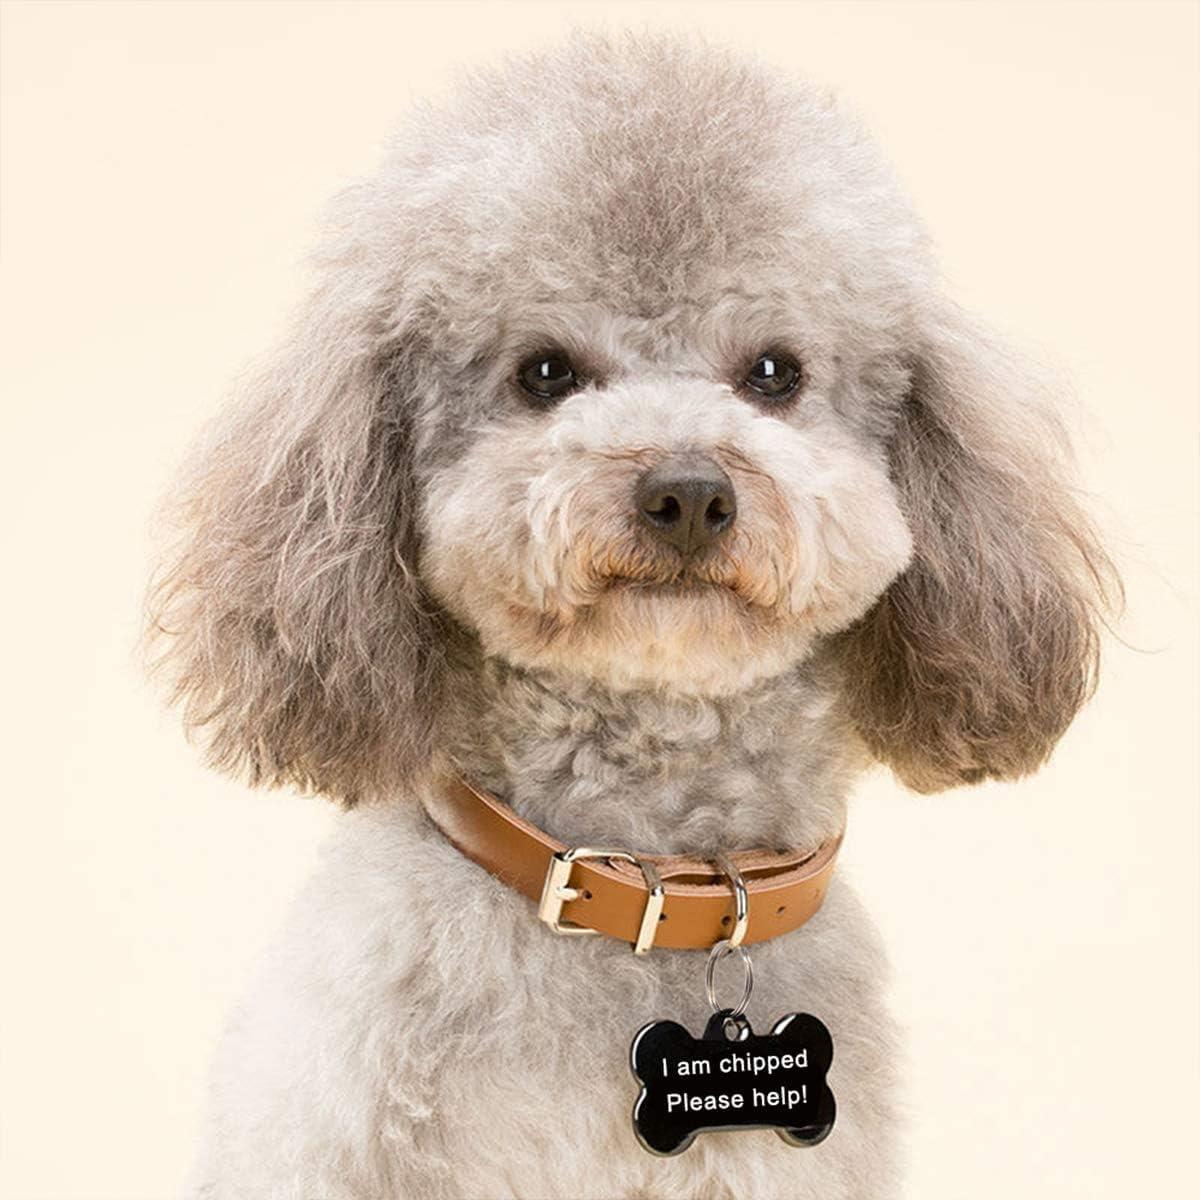 Blau Cerolopy Personalisiert Haustier ID Tag Hund Tag mit Gravur Service Hundemarke Anhaenger aus Edelstahl 25 mm x 38 mm